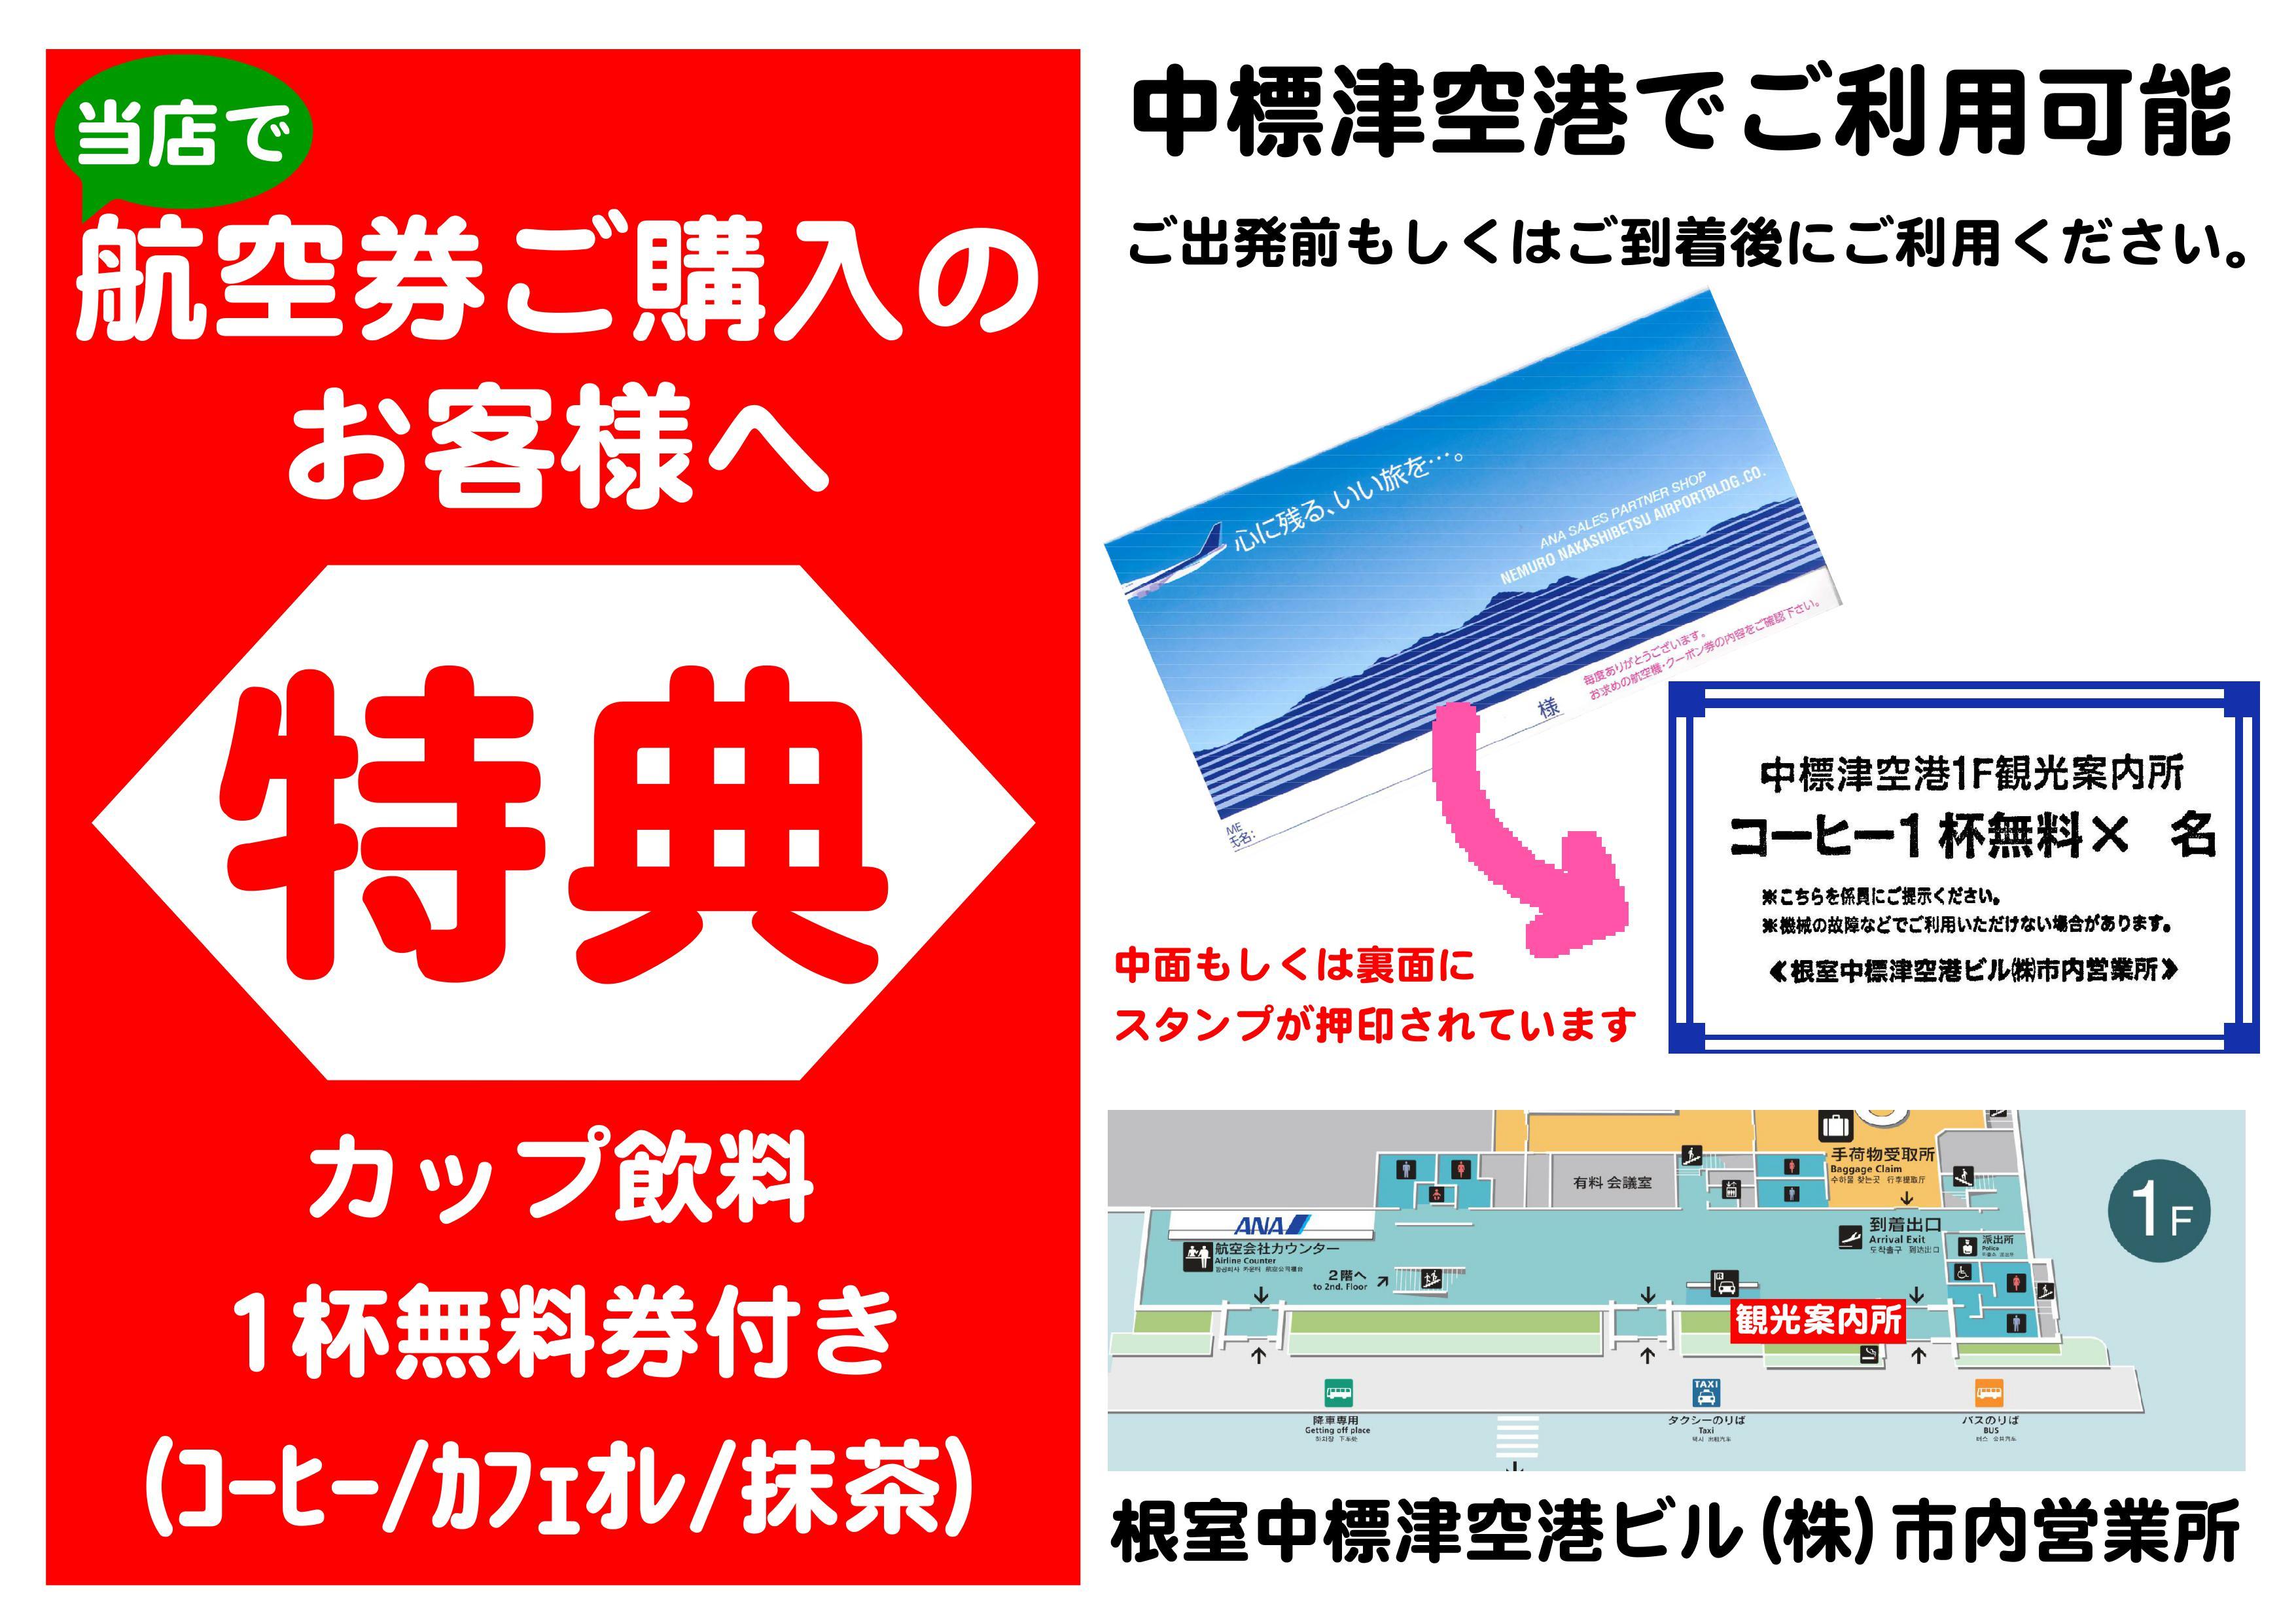 http://www.nakashibetsu-airport.jp/tokuten.jpg